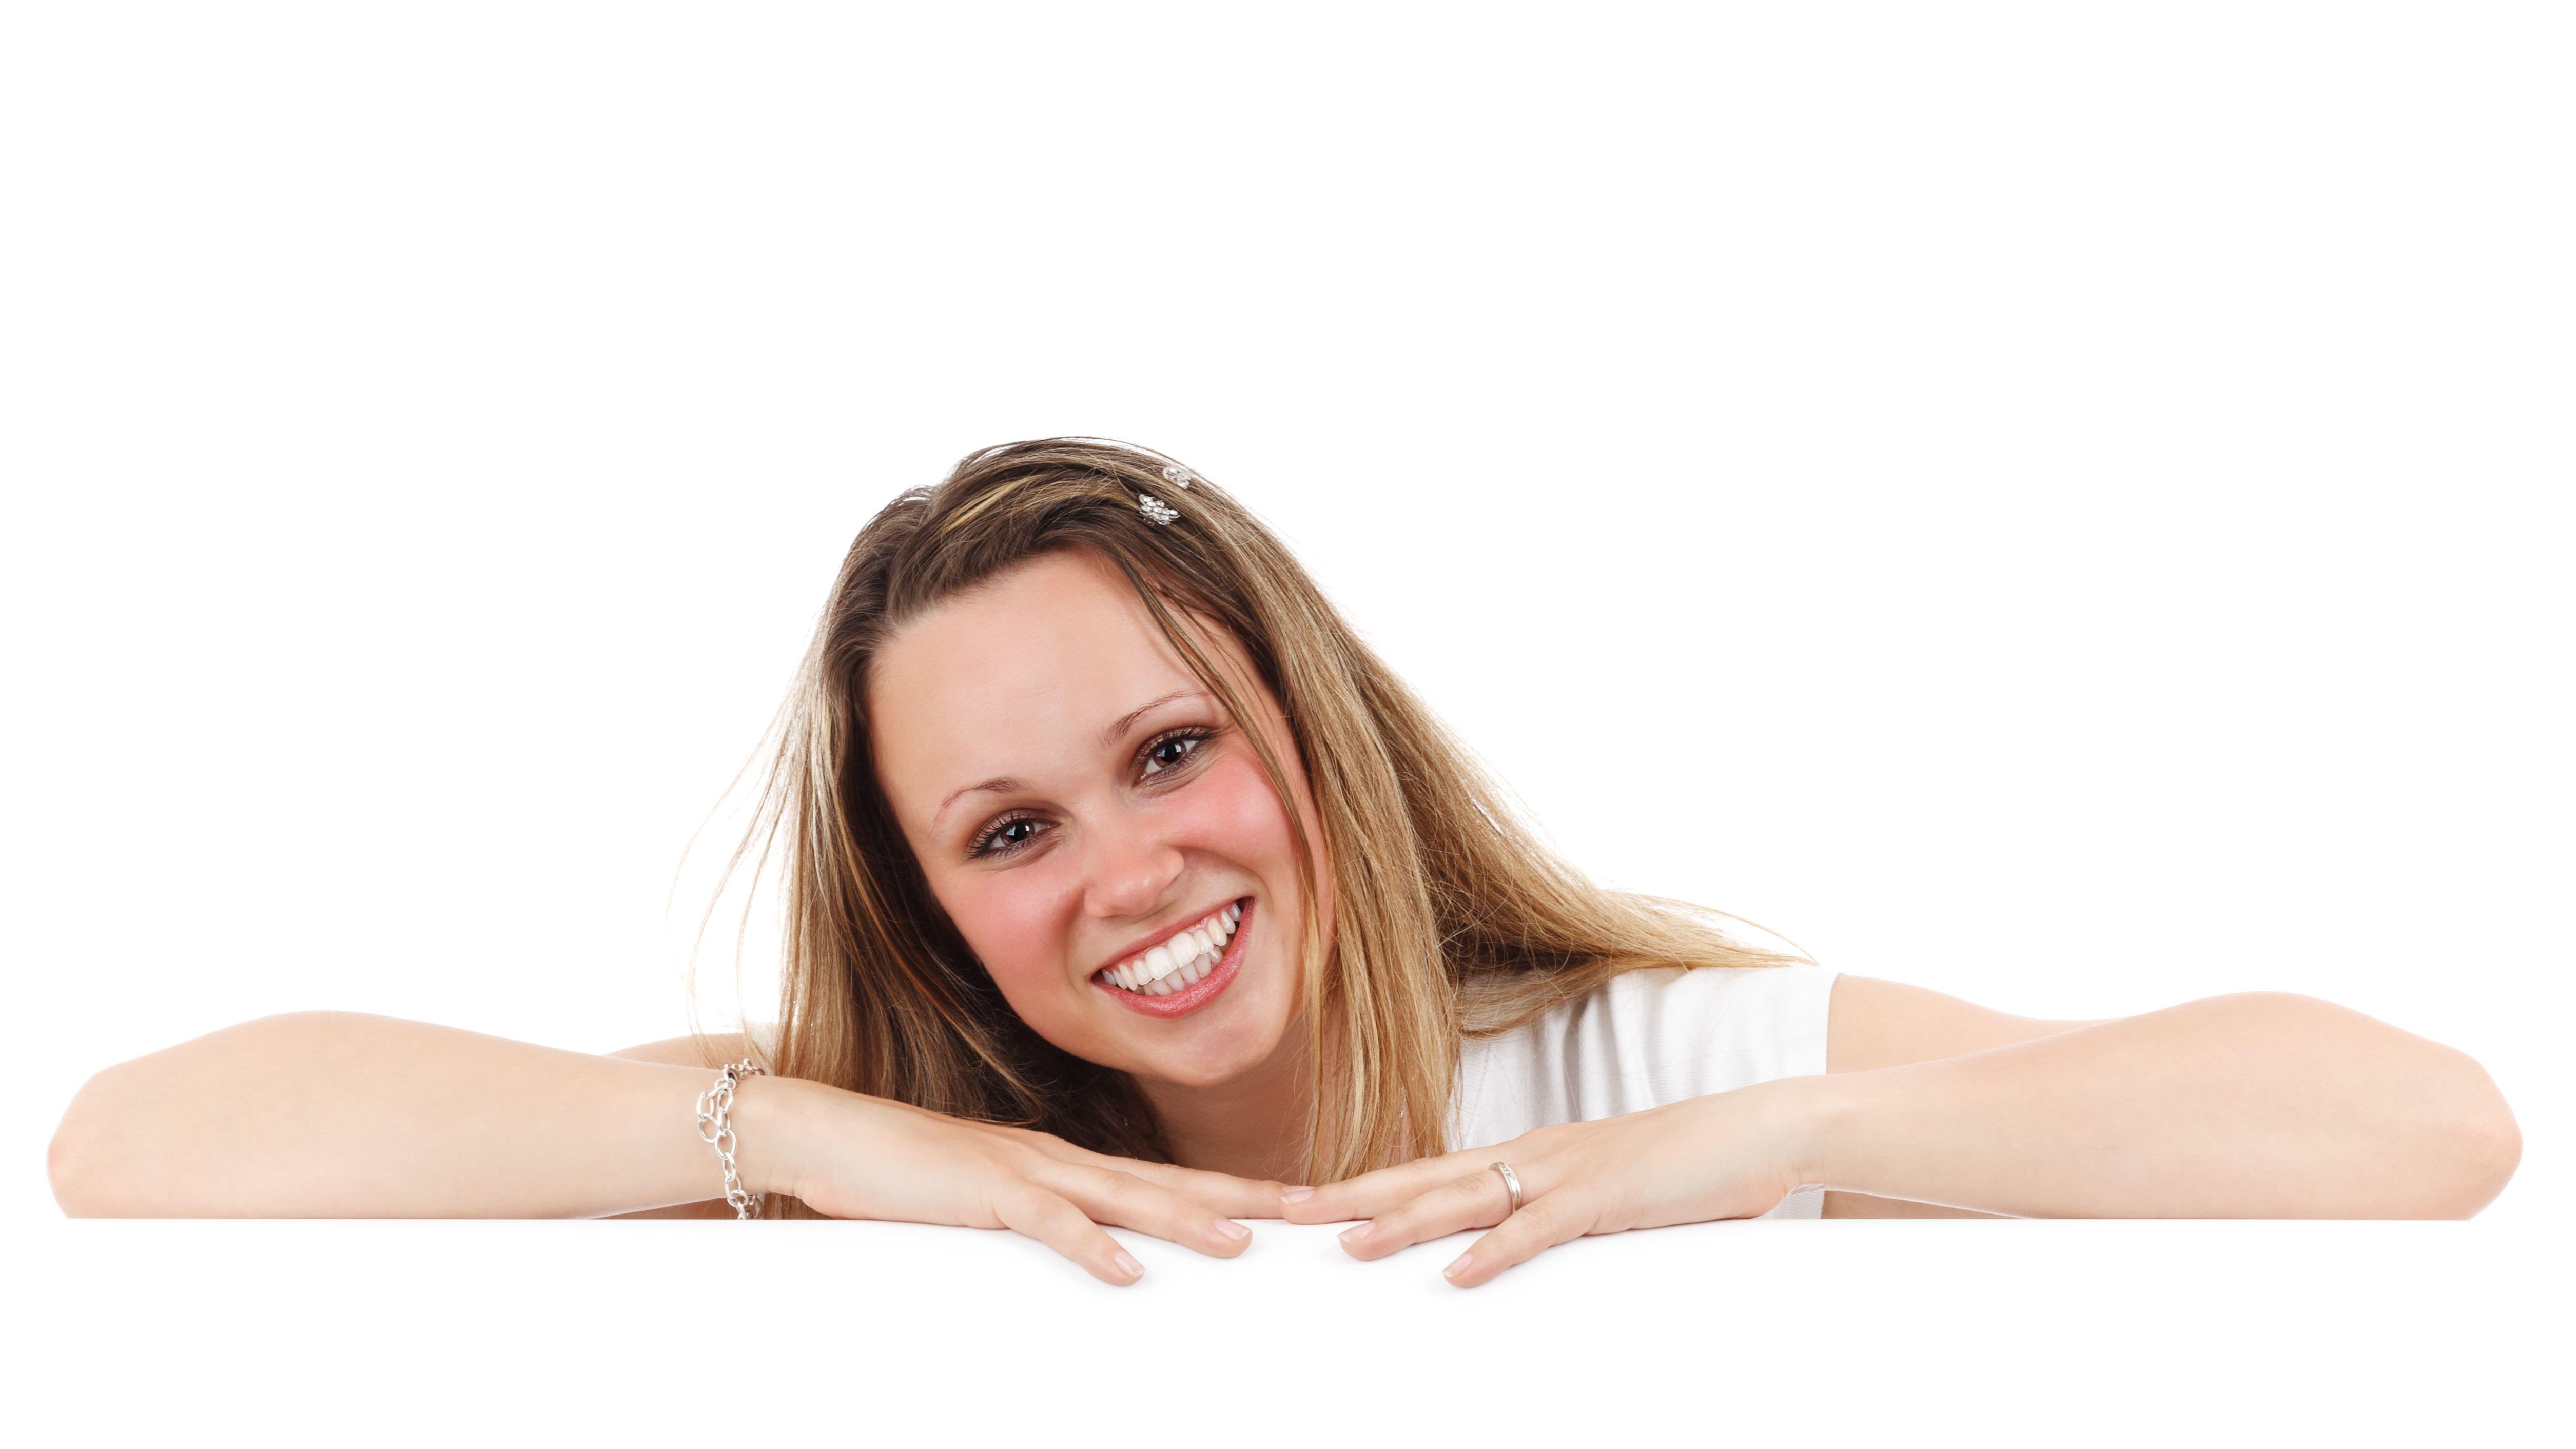 歯科衛生士の資格難易度と費用|通信教育でも資格が取れる?のサムネイル画像